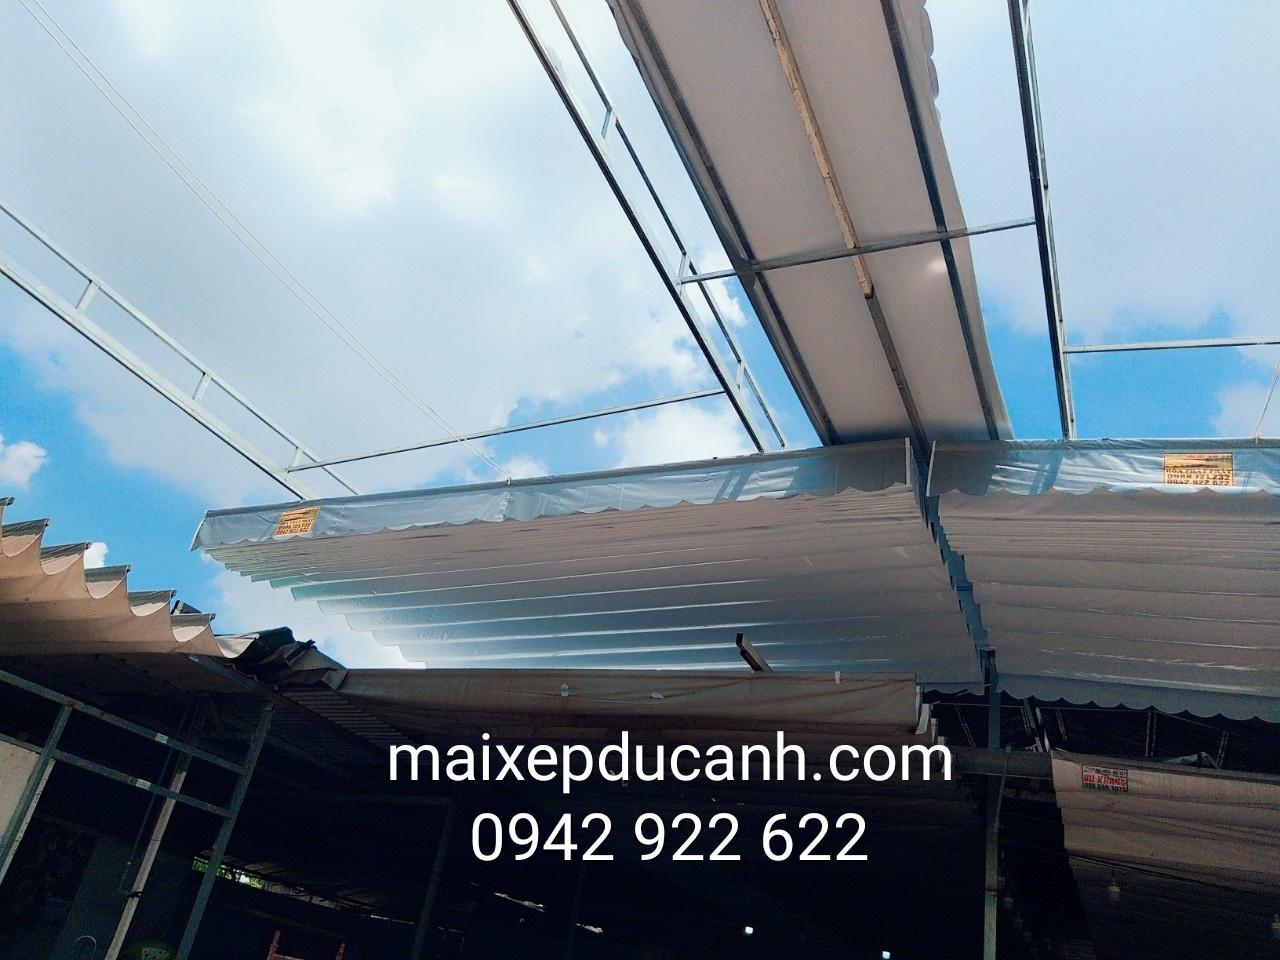 Lắp đặt mái che di động, mái bạt xếp, mái bạt lùa kéo sóng tại TP hà tĩnh